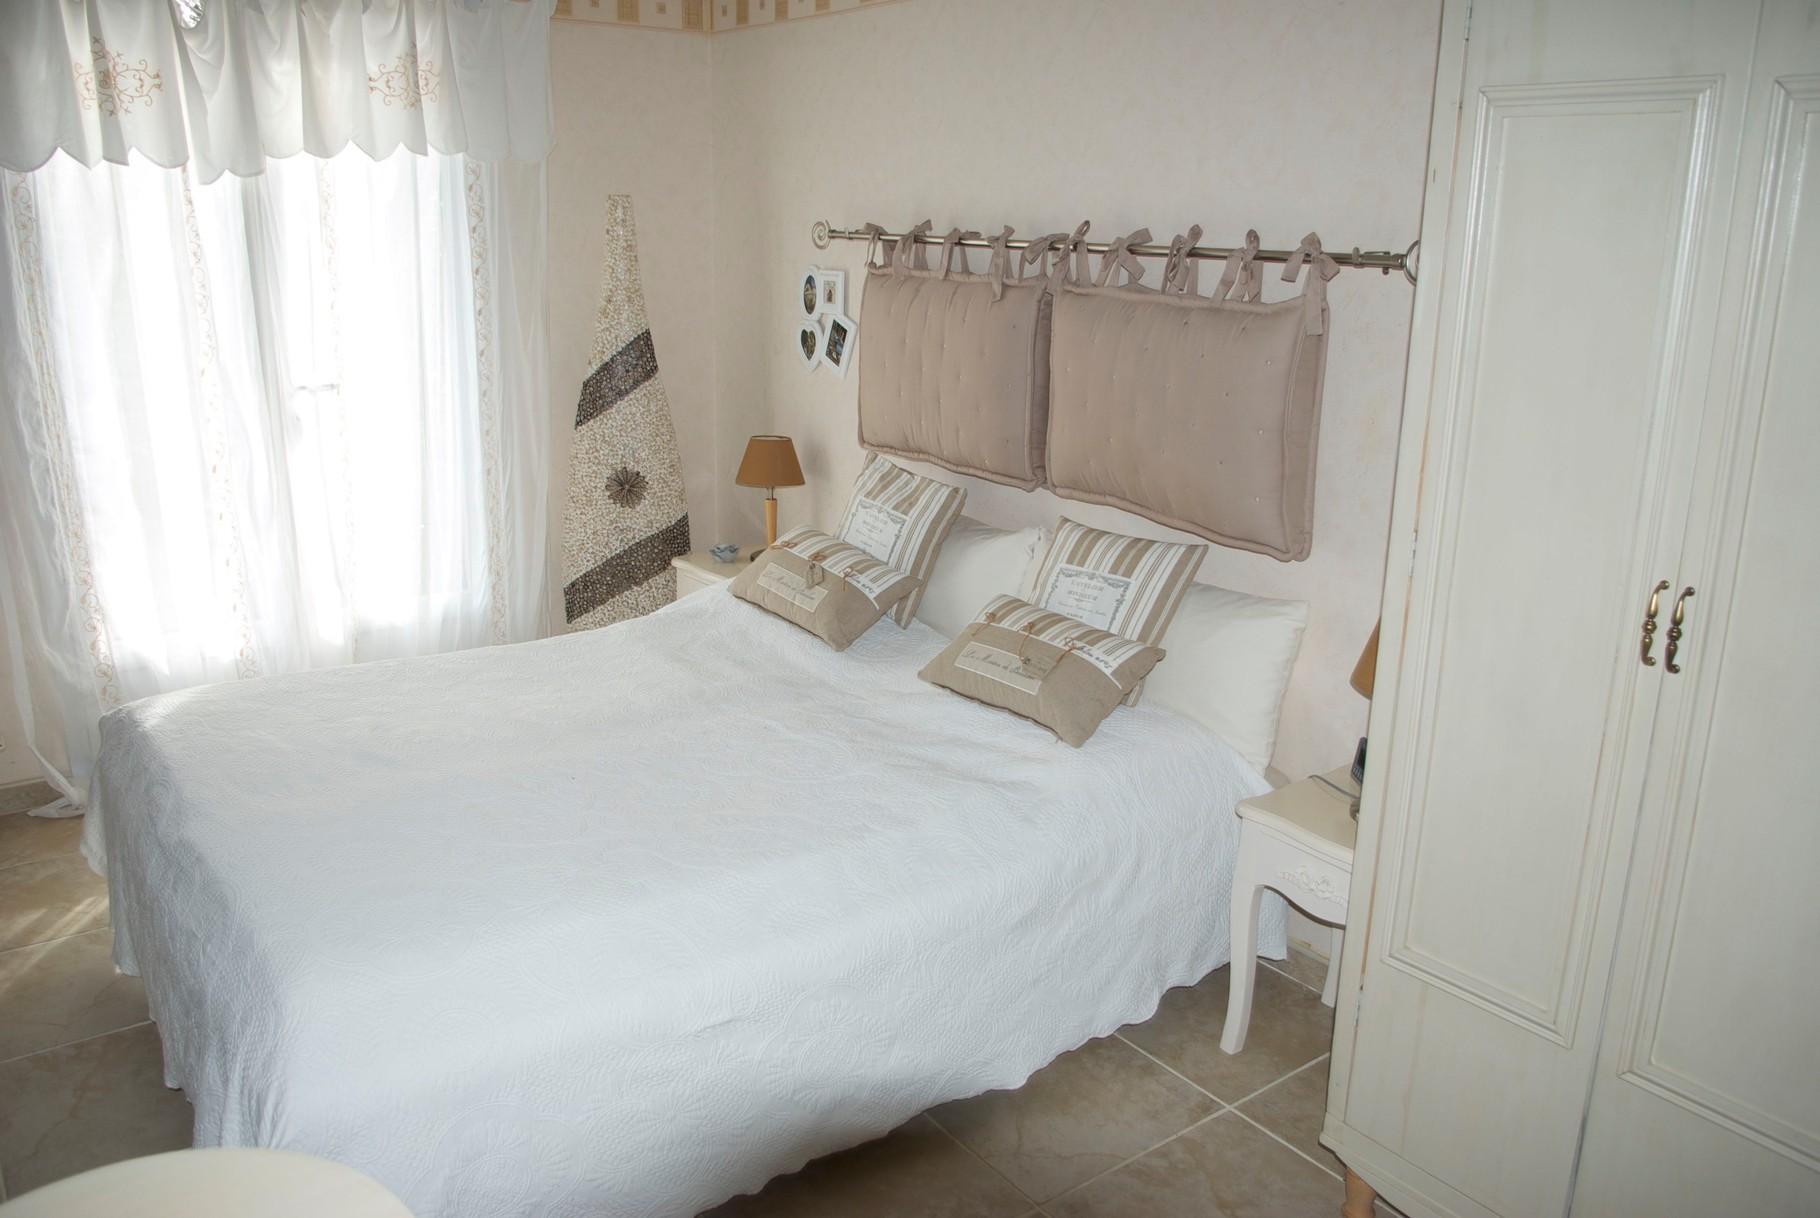 Gästezimmer mit Blick auf das französische Bett